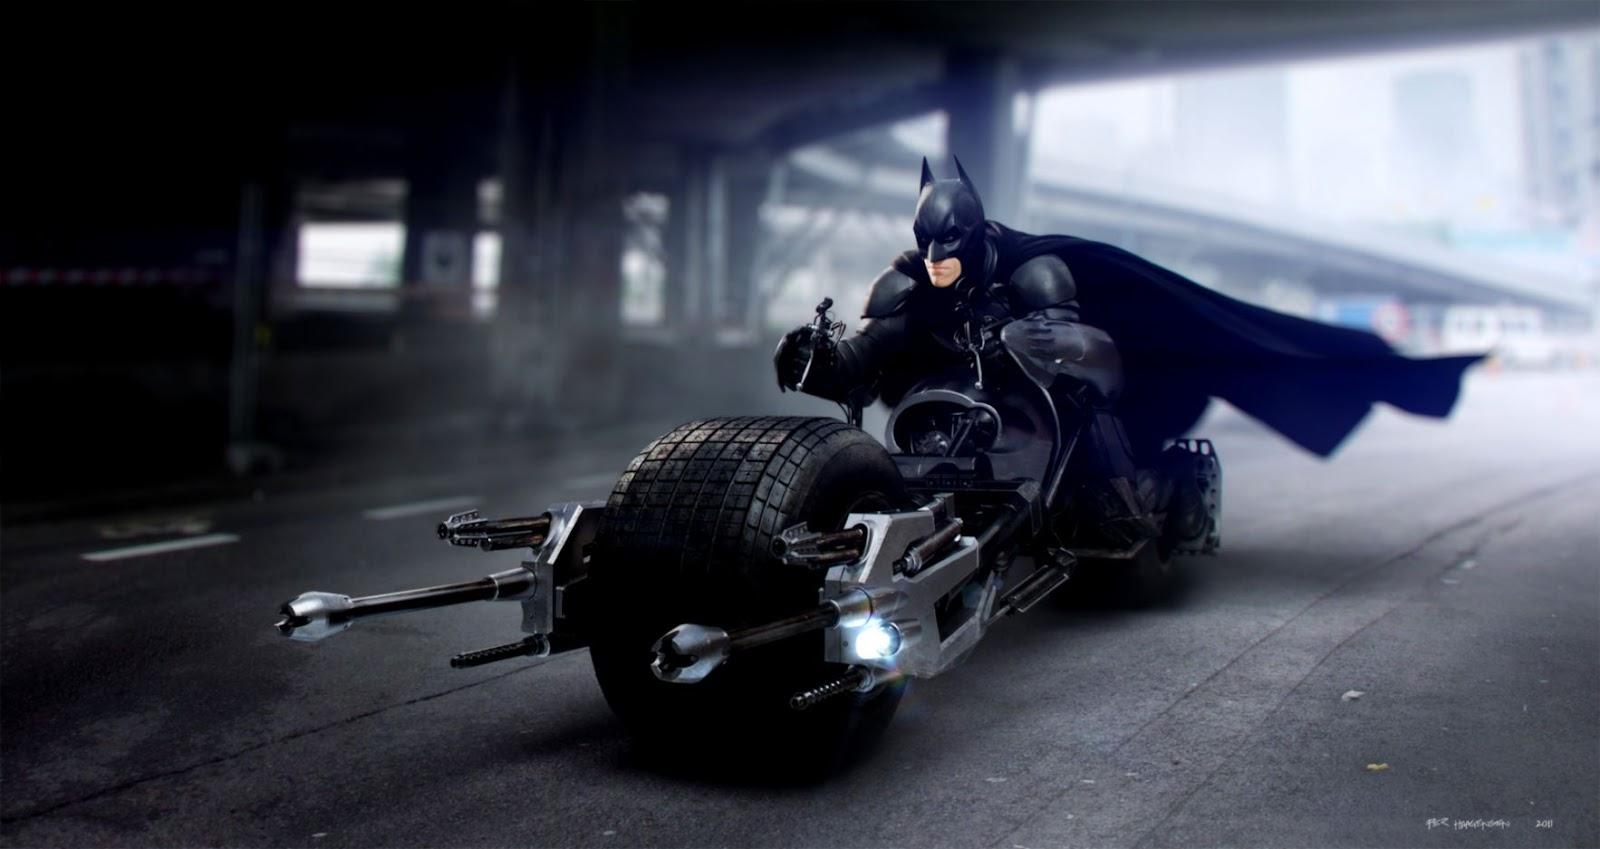 Bat Pod Moto Batman Dark Knight Rises Wallpaper Opera